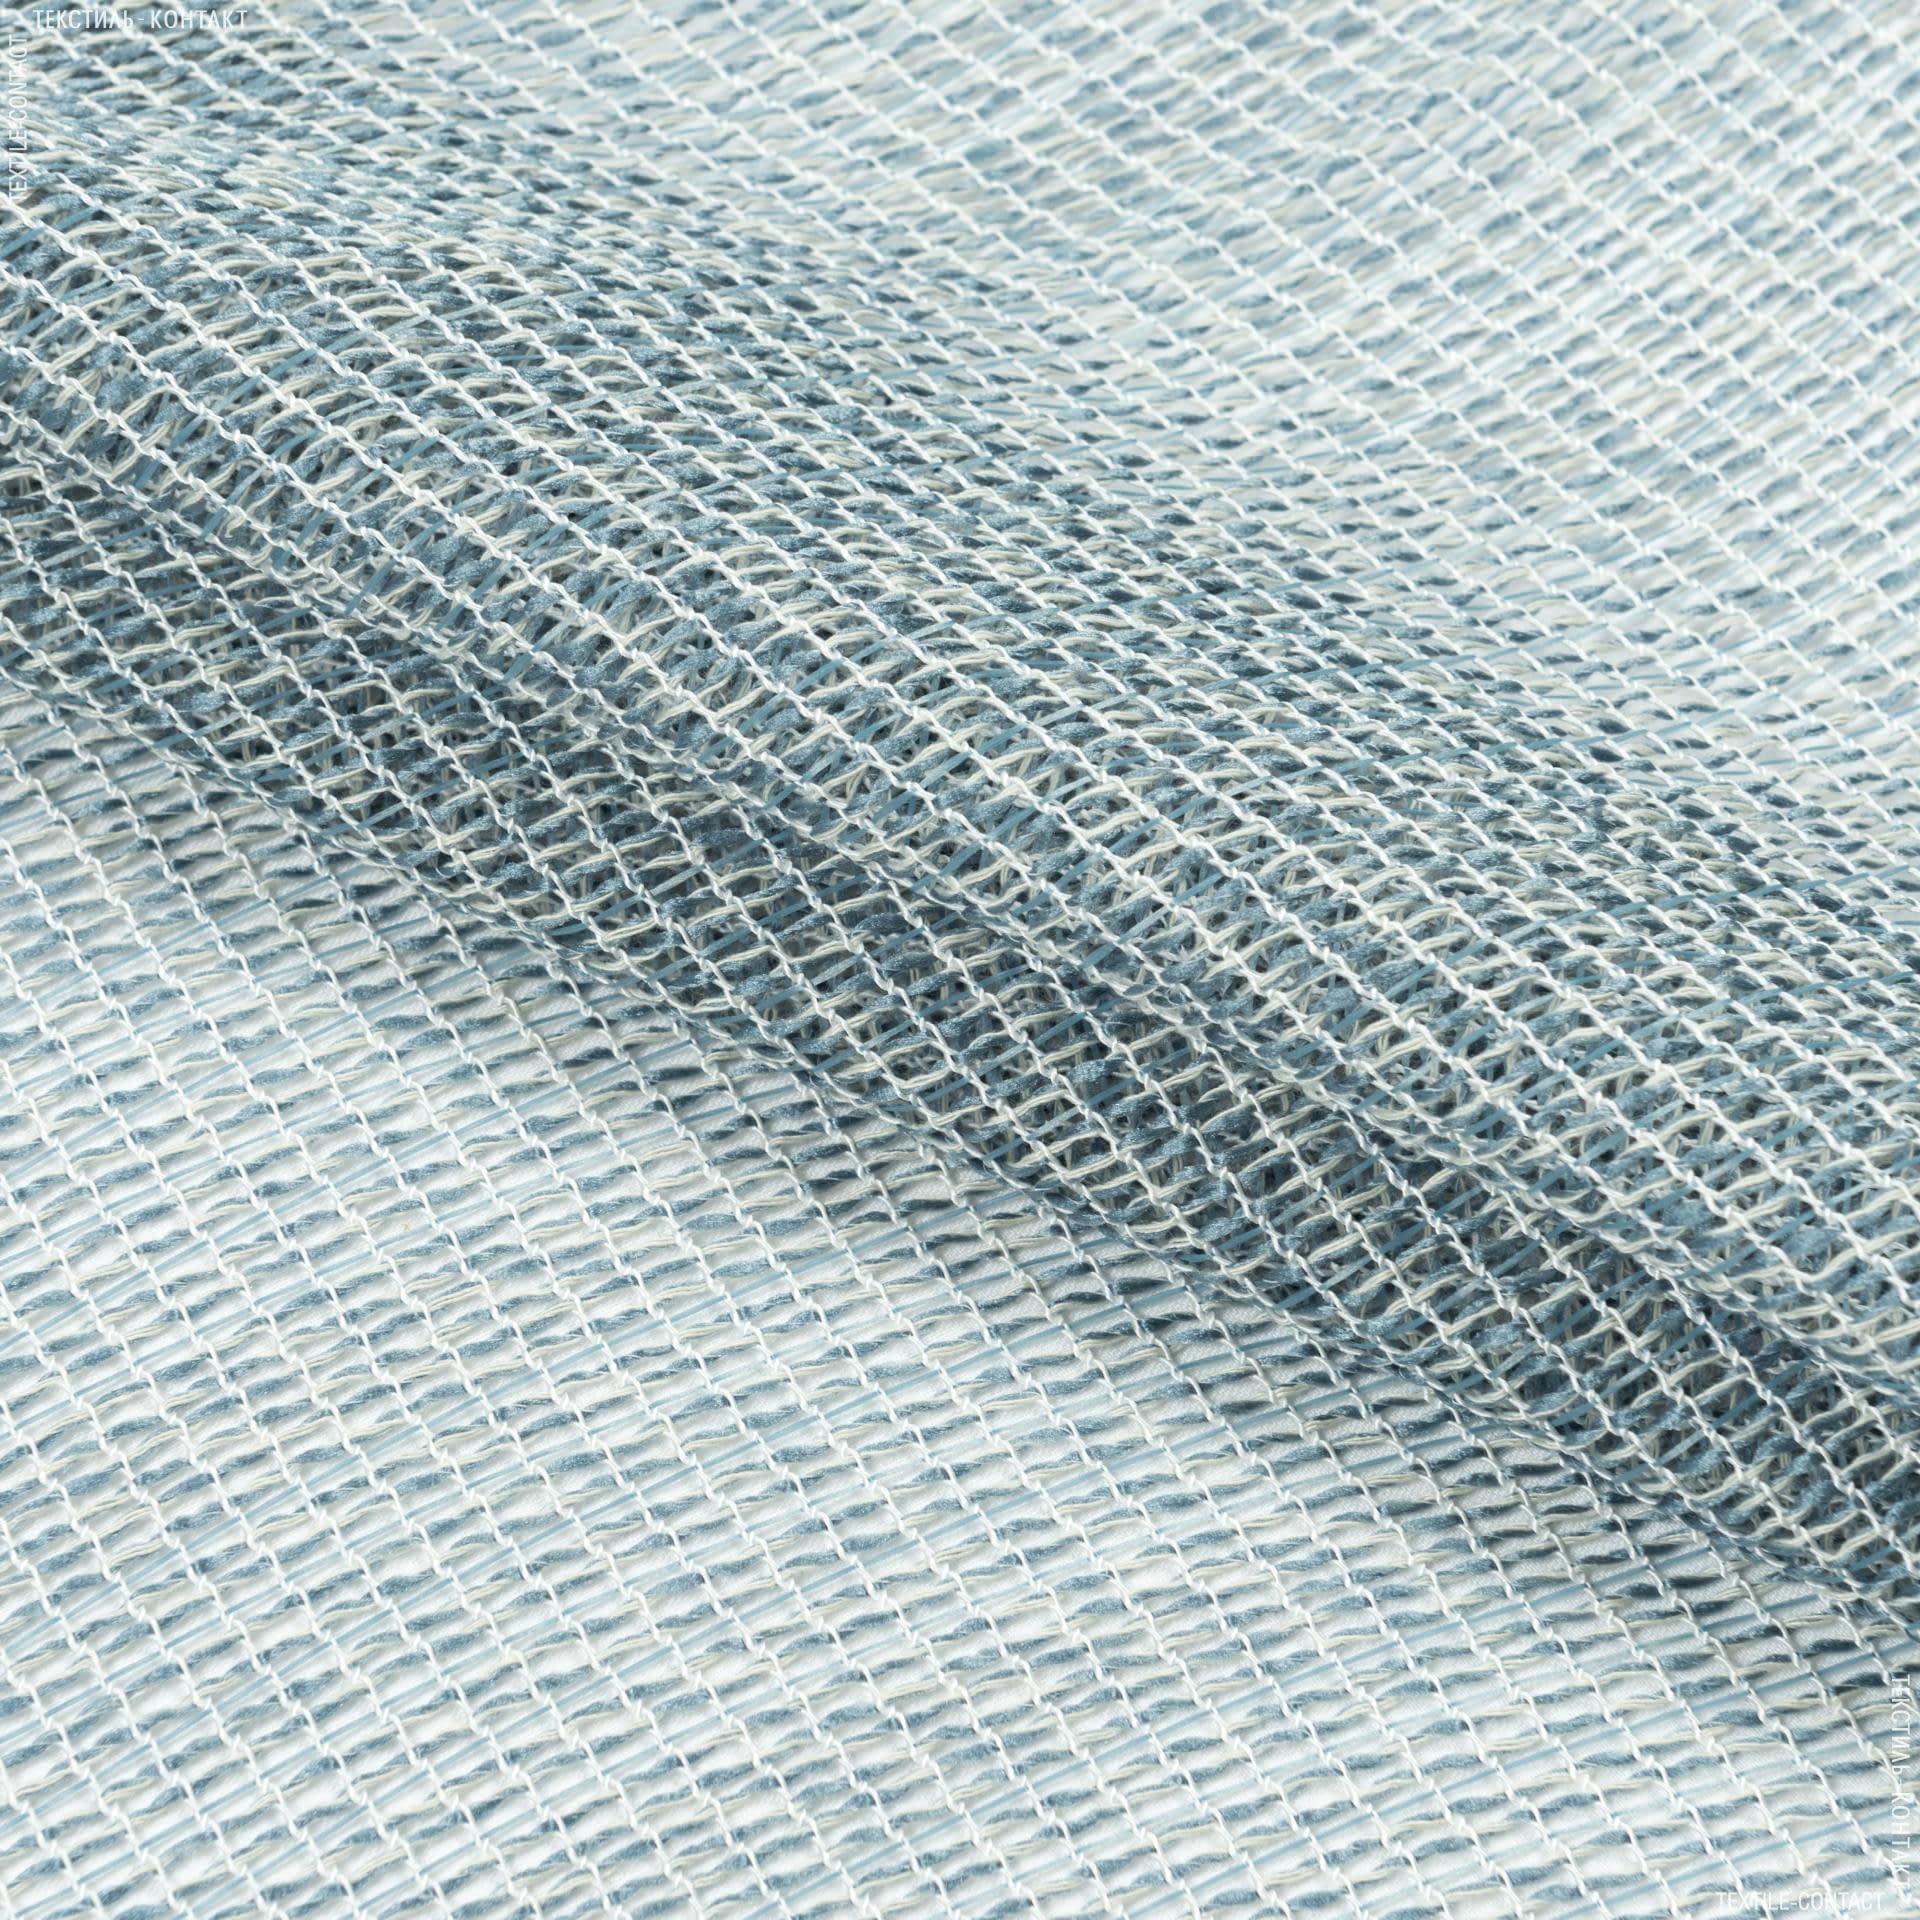 Ткани для рукоделия - Тюль сетка с утяжелителем  АФРА голубой